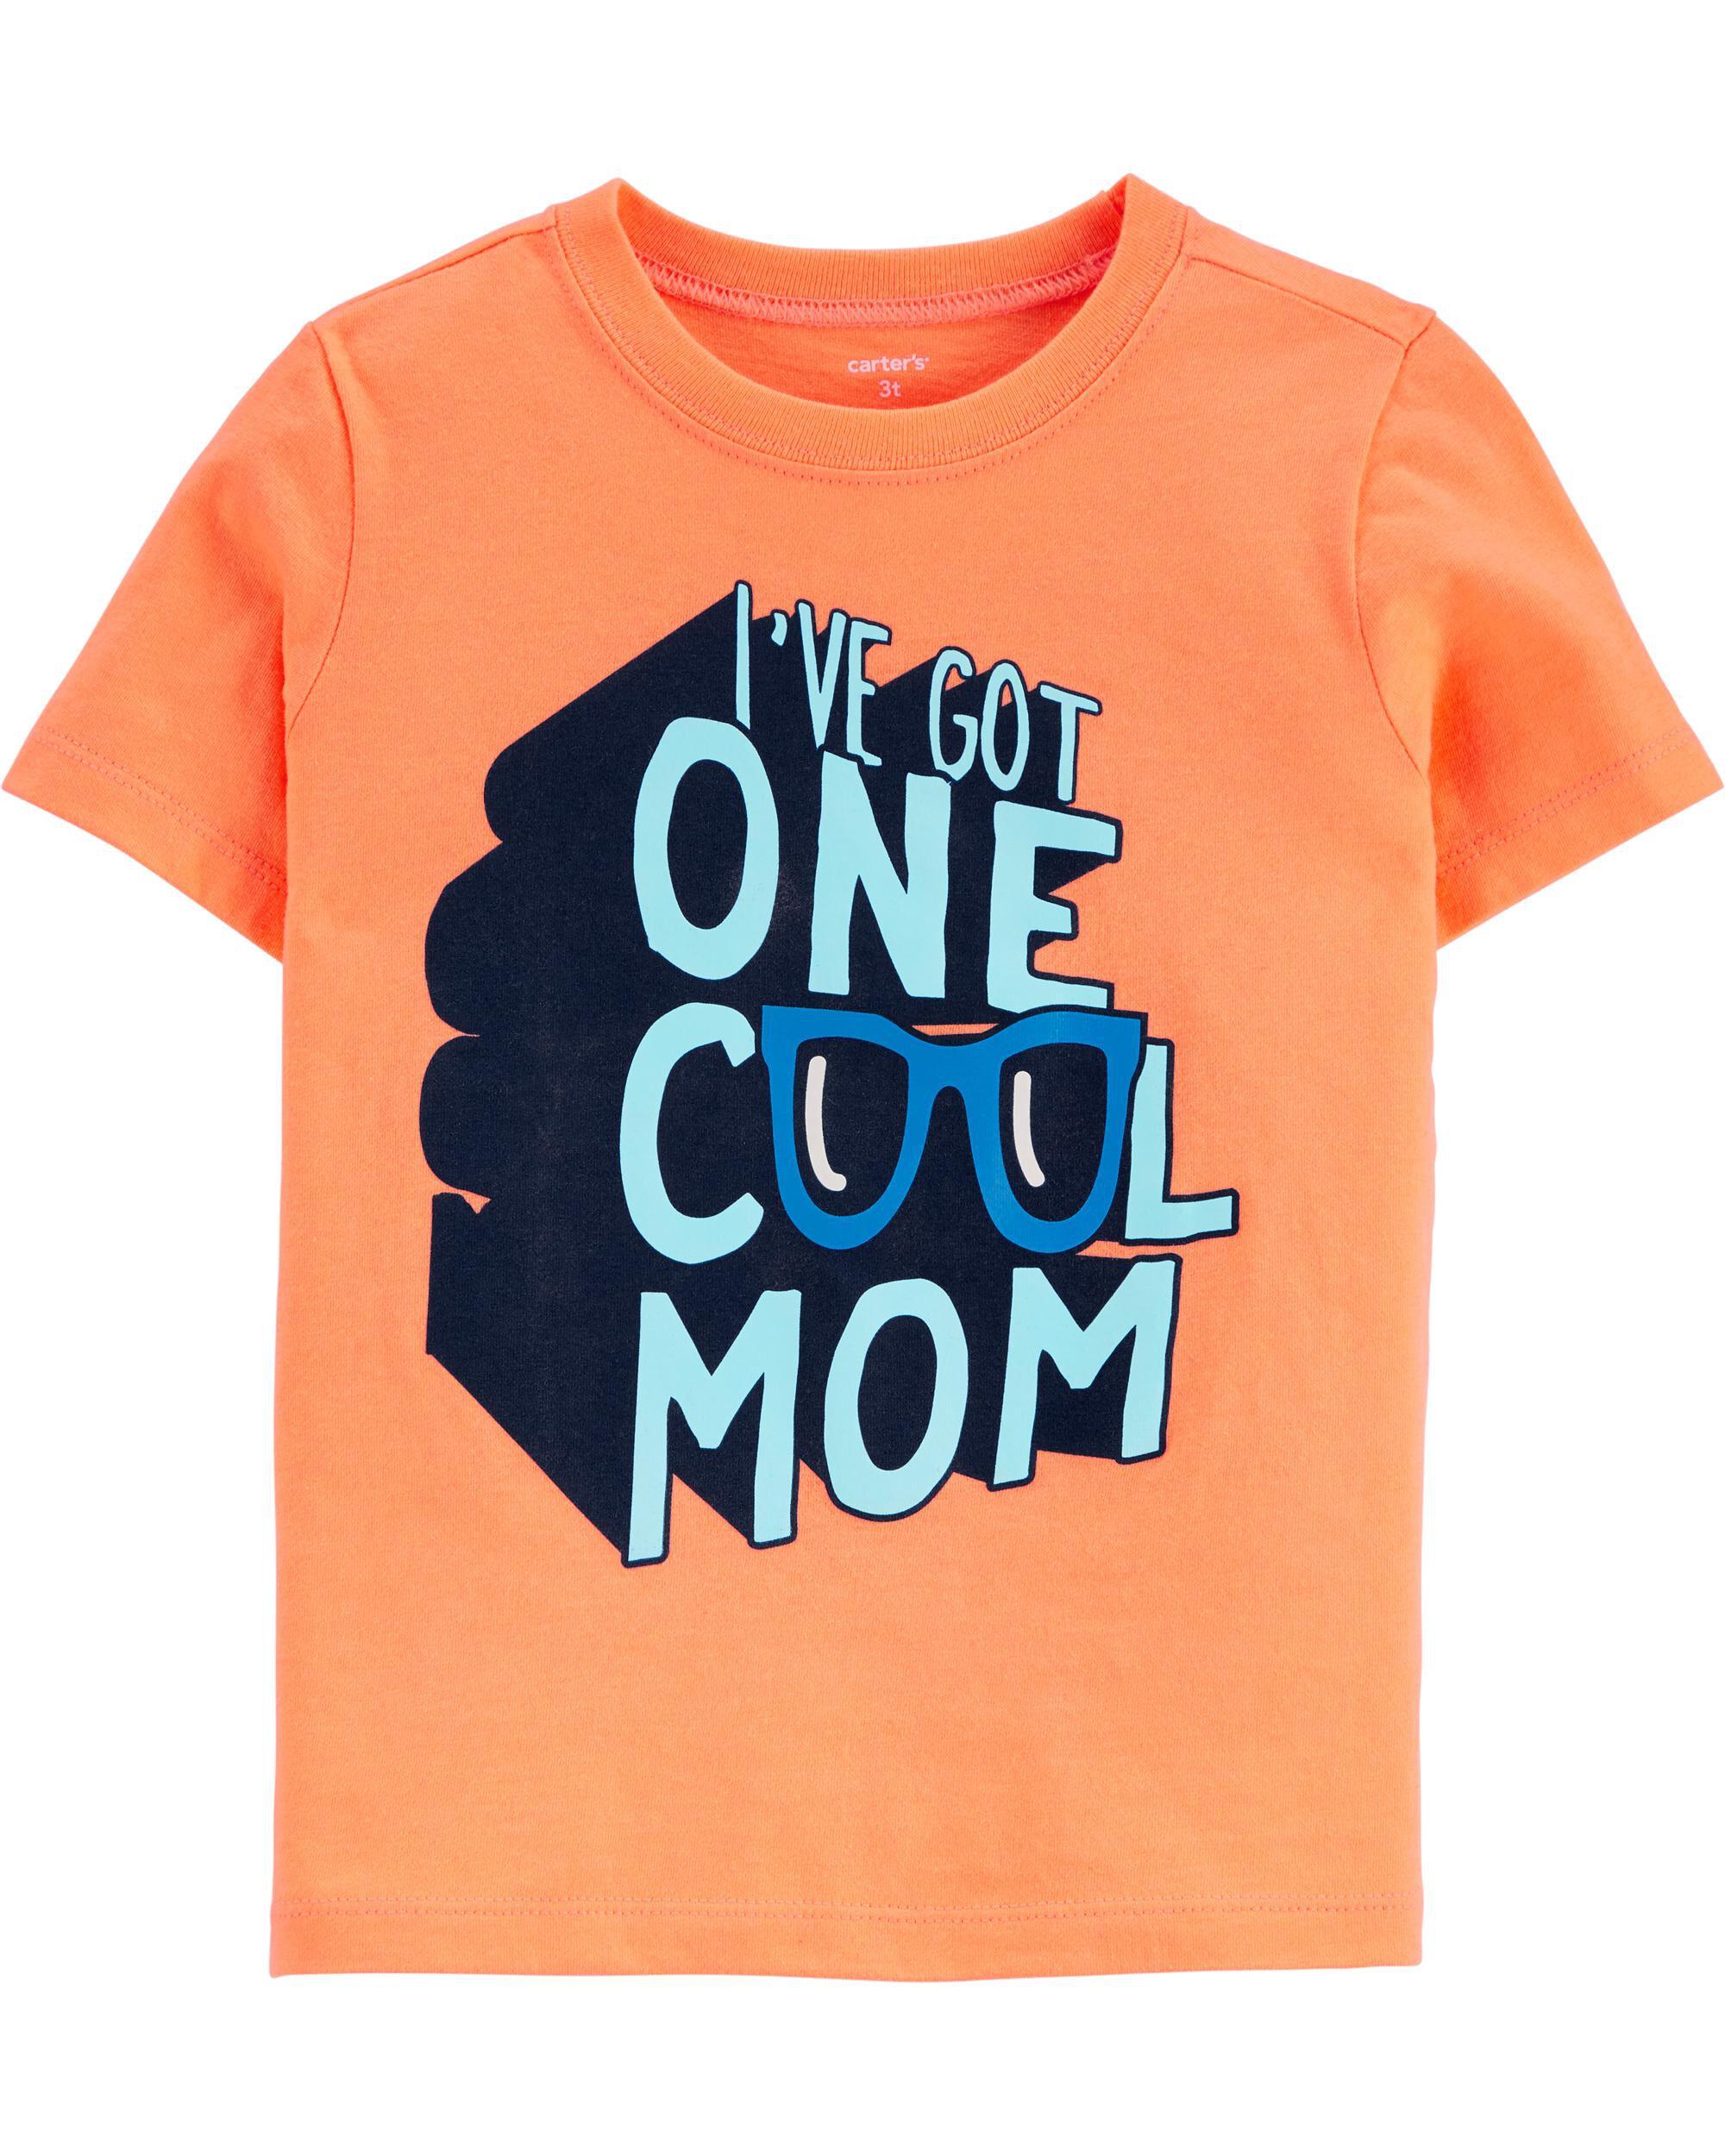 *DOORBUSTER* I've Got One Cool Mom Jersey Tee